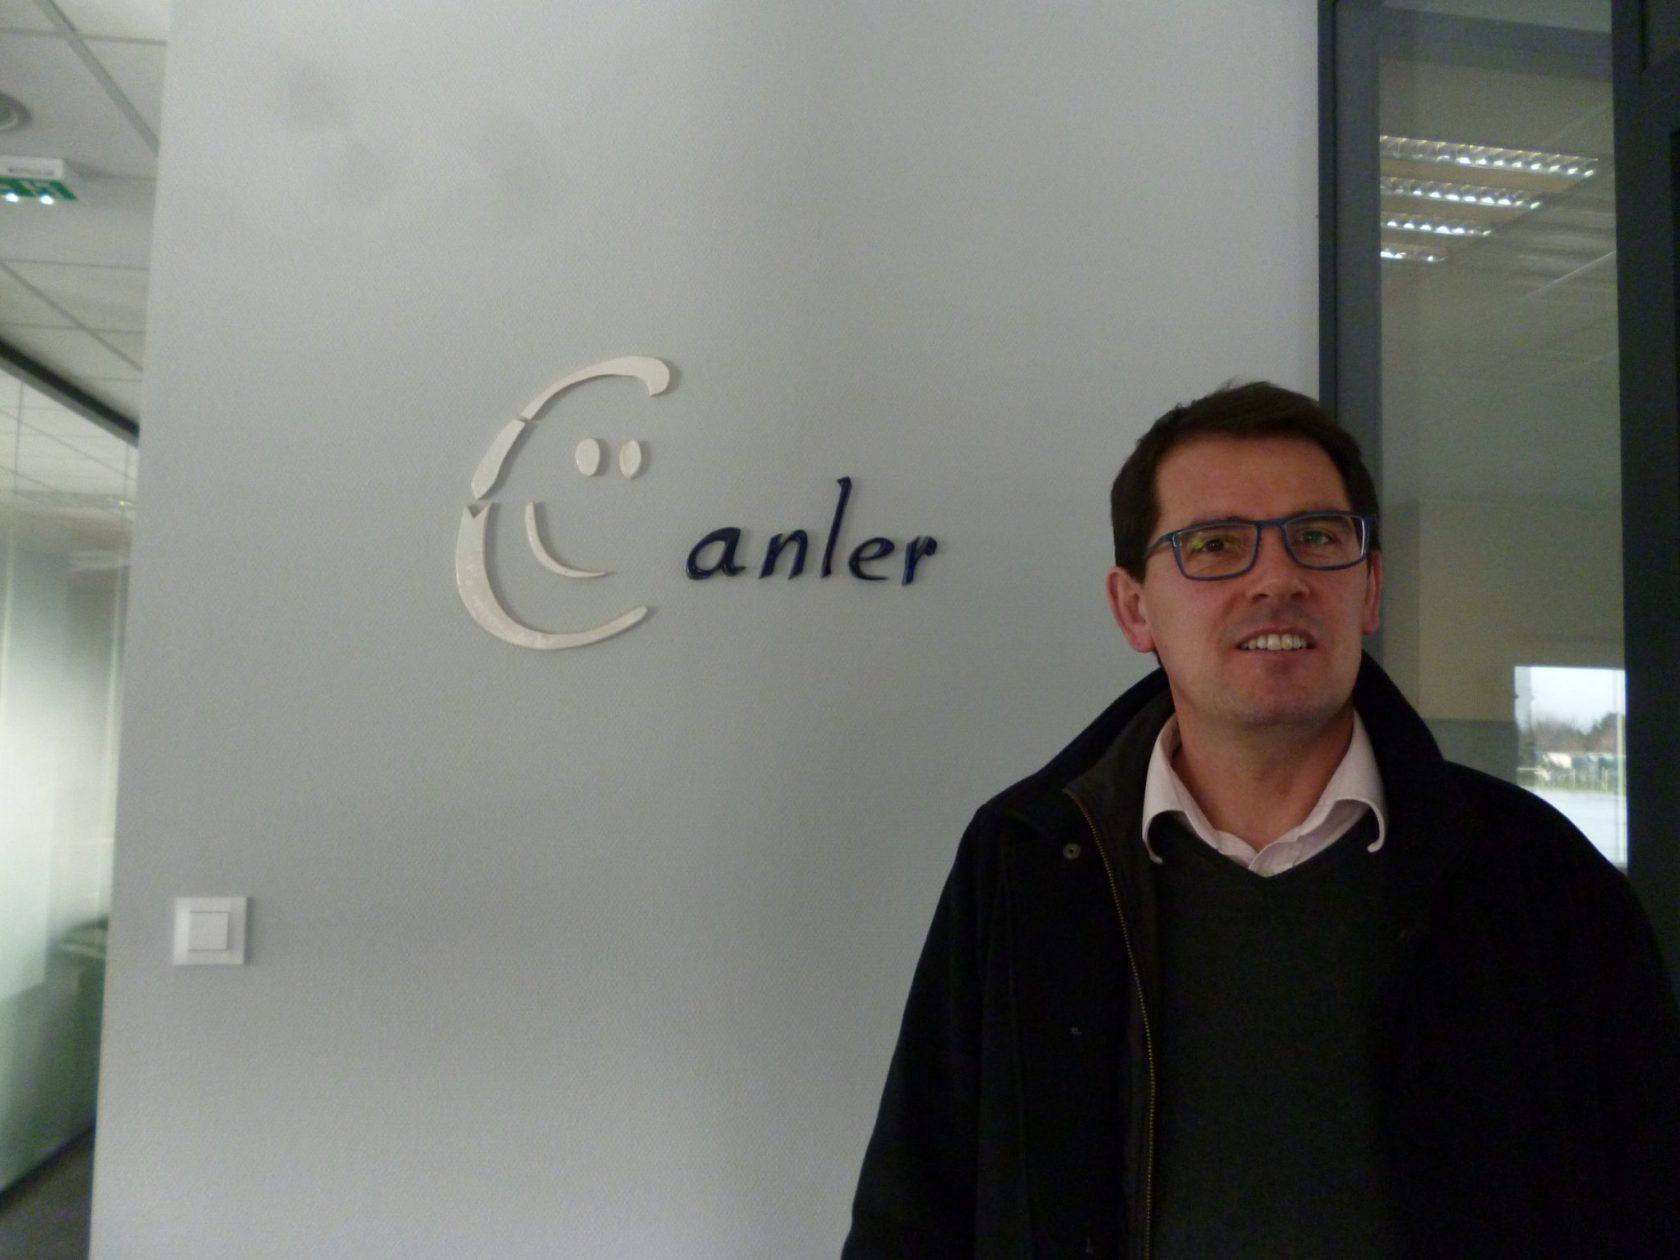 Antoine Canler